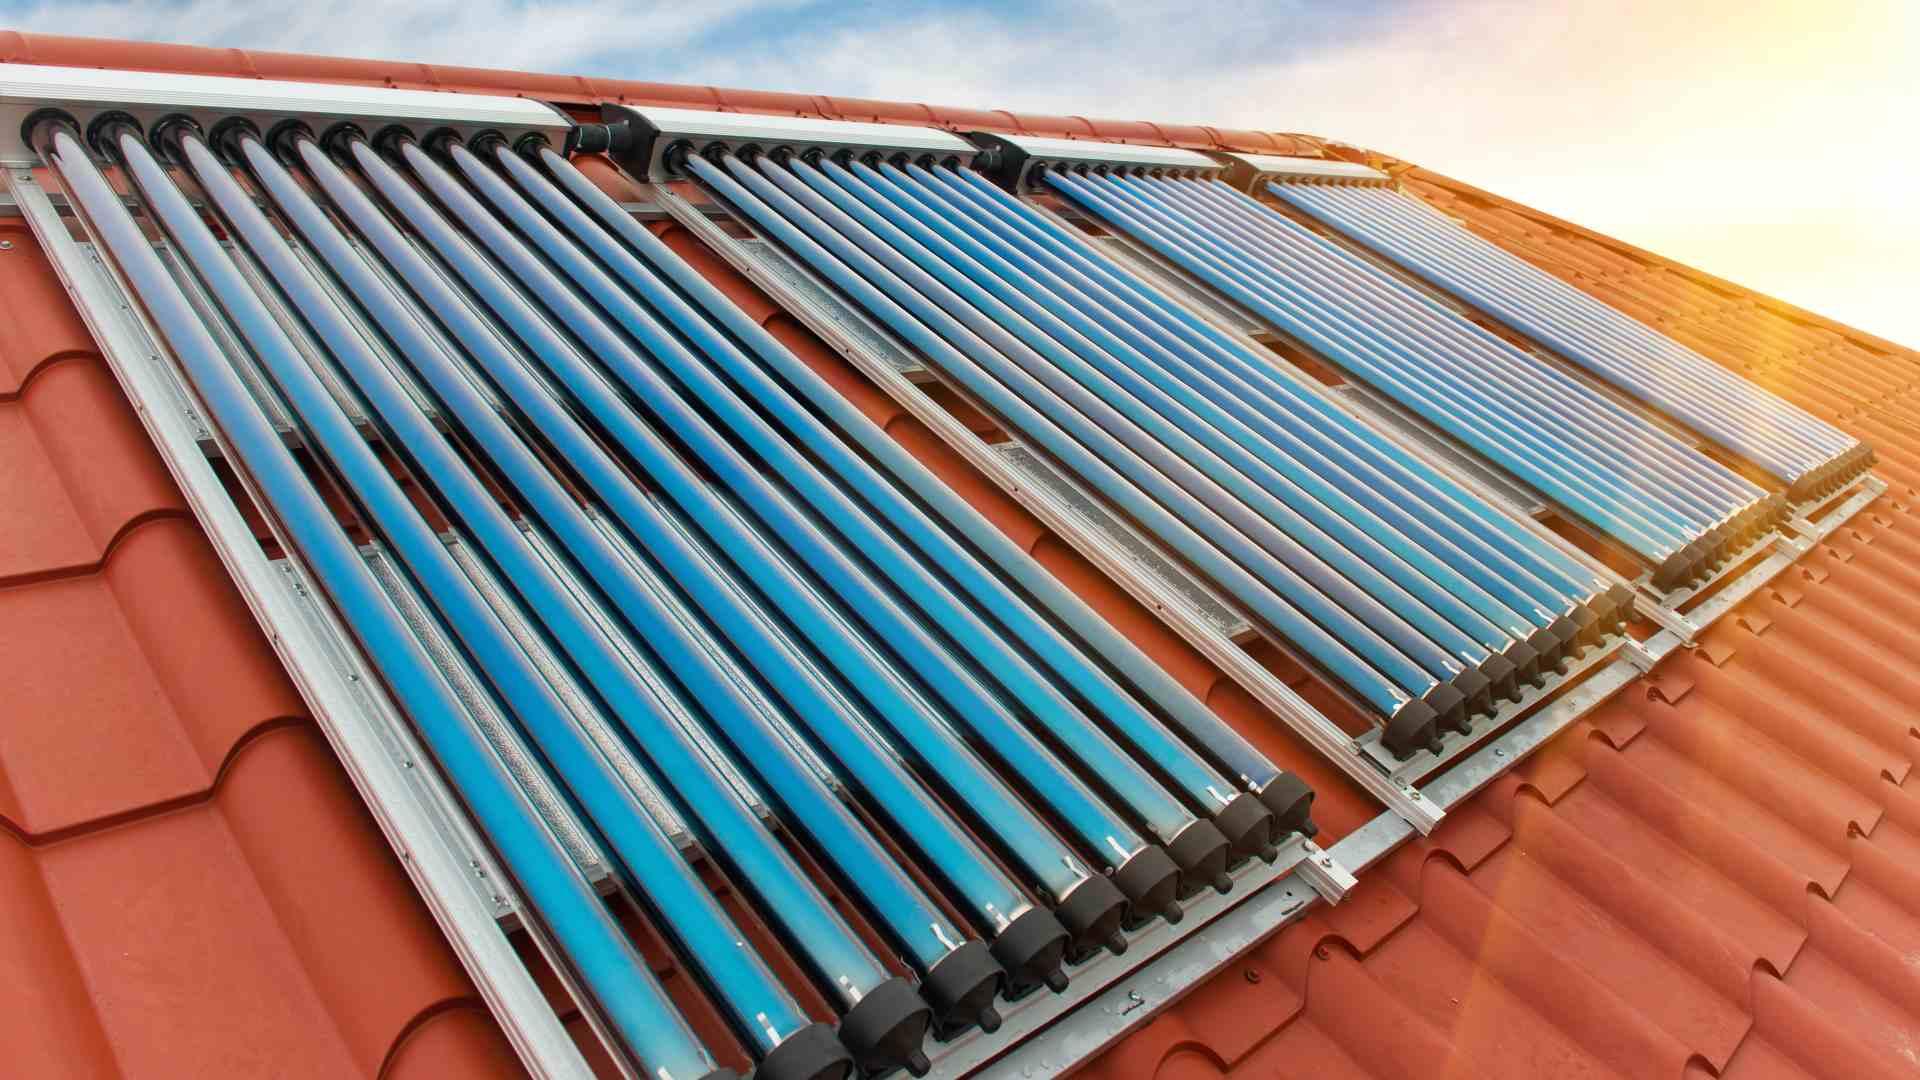 Solaranlagen zur Trinkwassererwärmung und Heizungsunterstützung - Heiko Blau - Sanitär und Heiztechnik